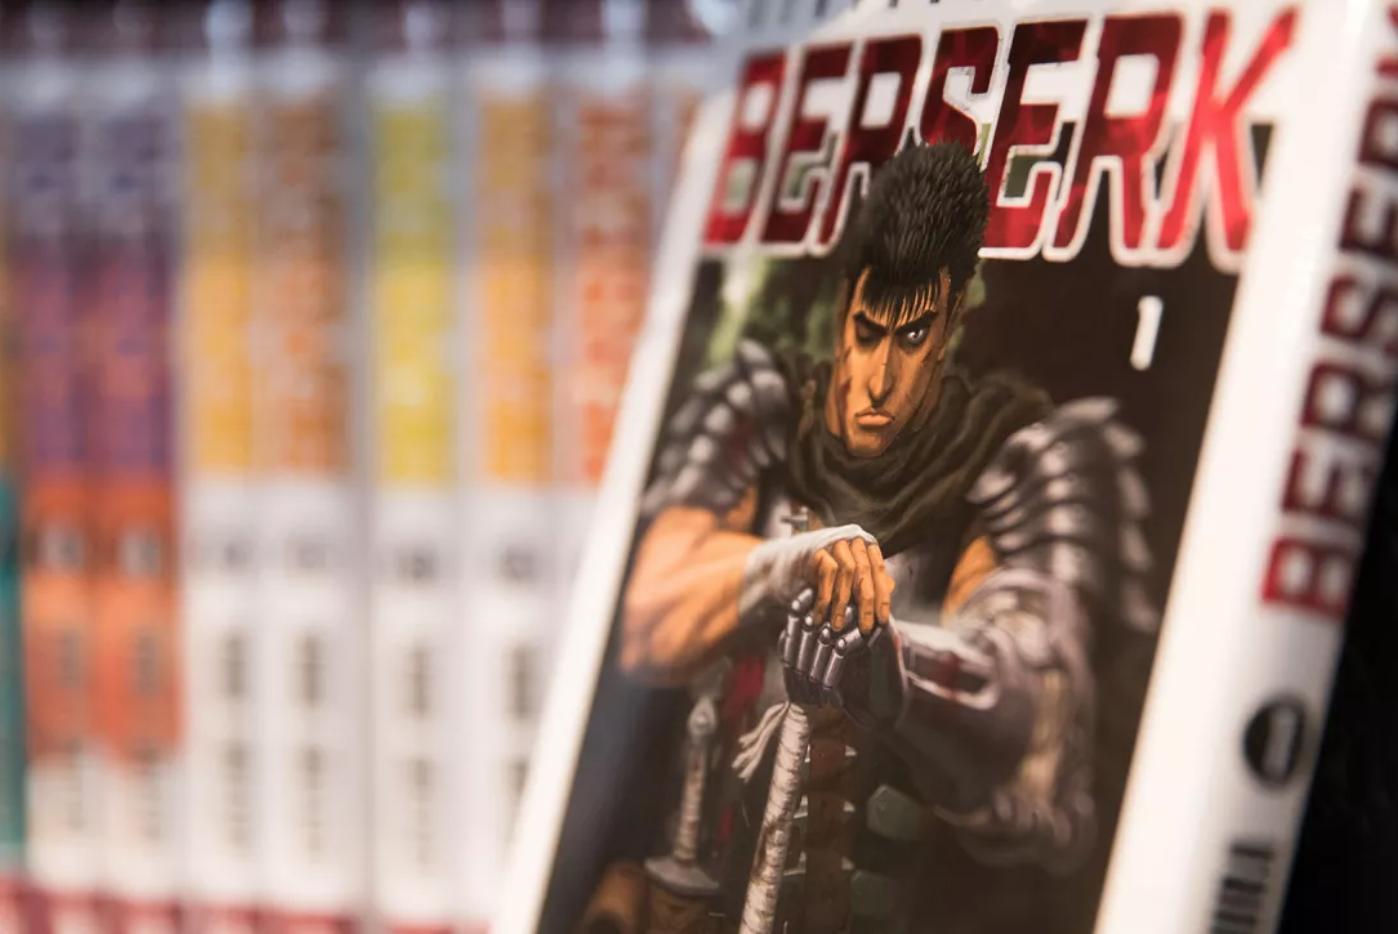 Tác giả bộ truyện tranh 'Berserk' qua đời Ảnh 1